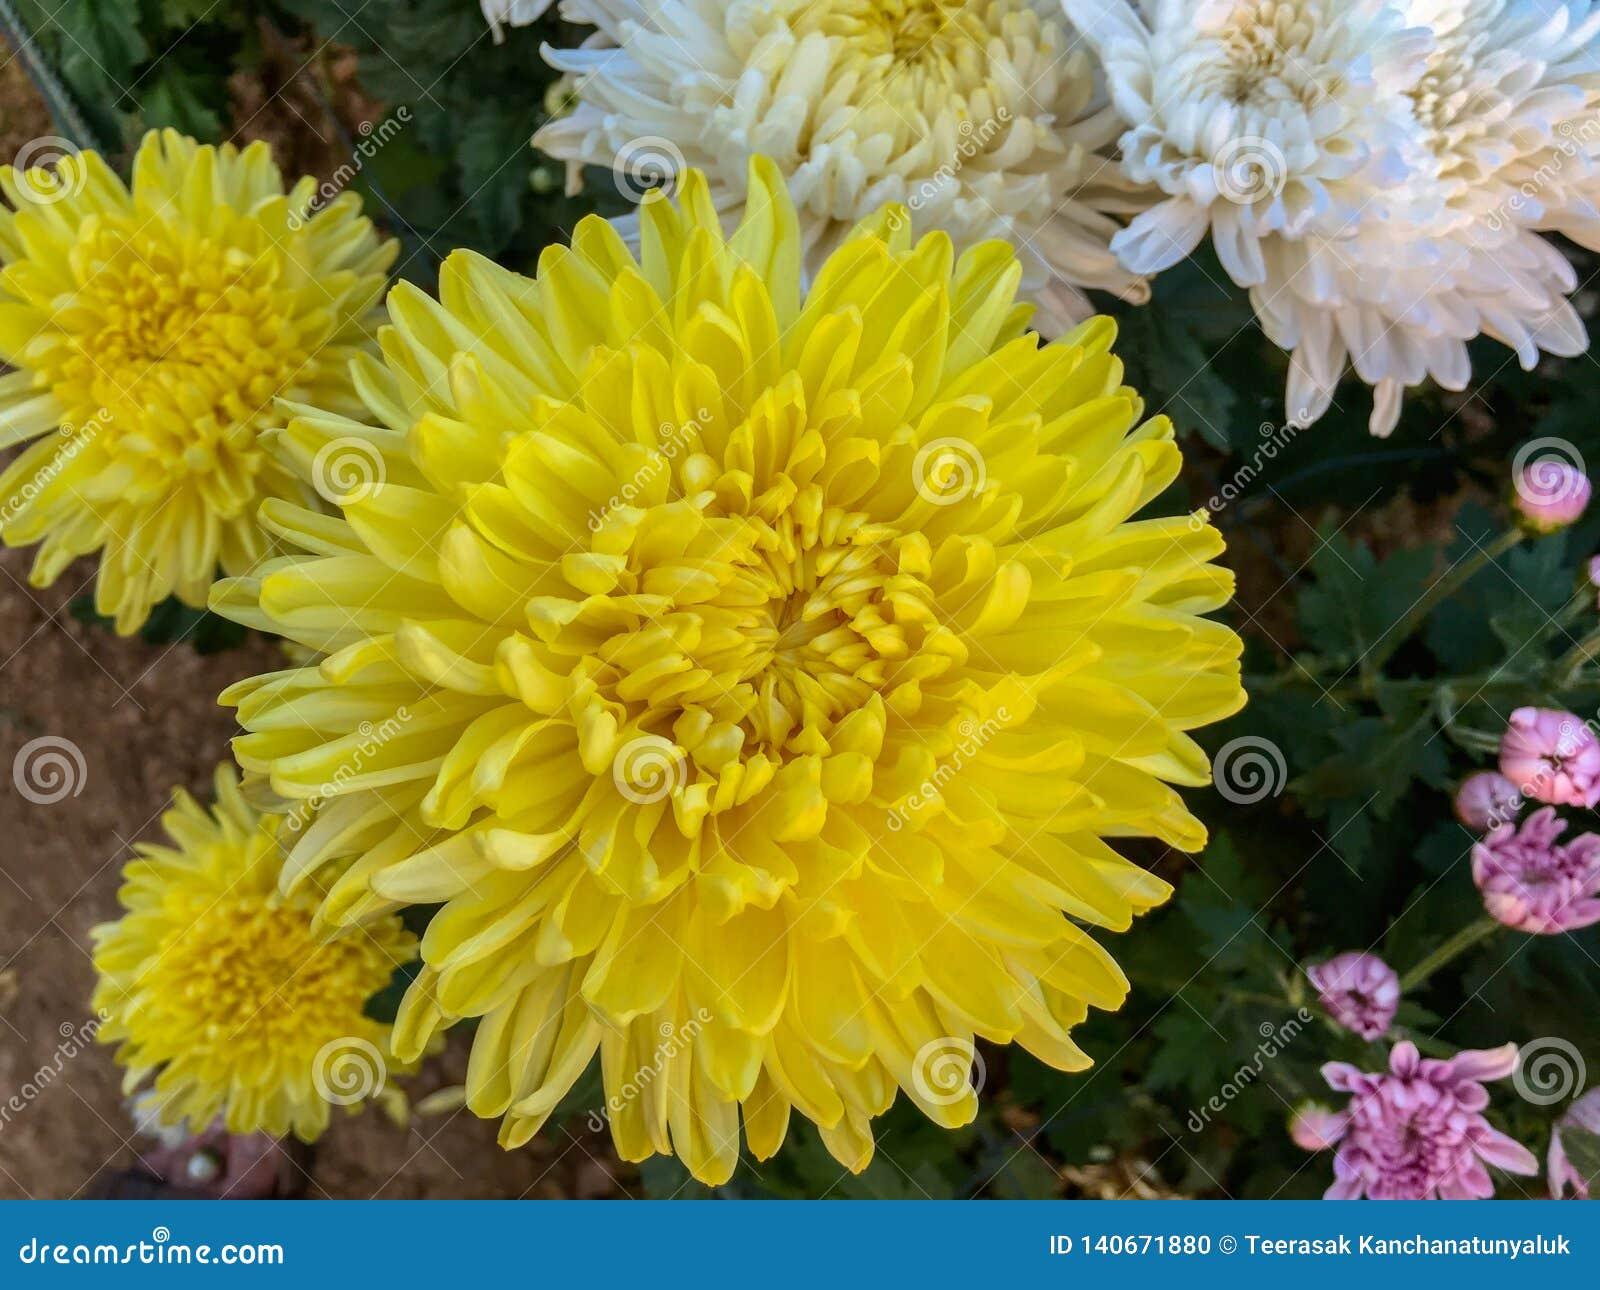 Bunte Chrysantheme robustes chrysanth gelb, Rosa, weiß auf dem grünen Blatthintergrund